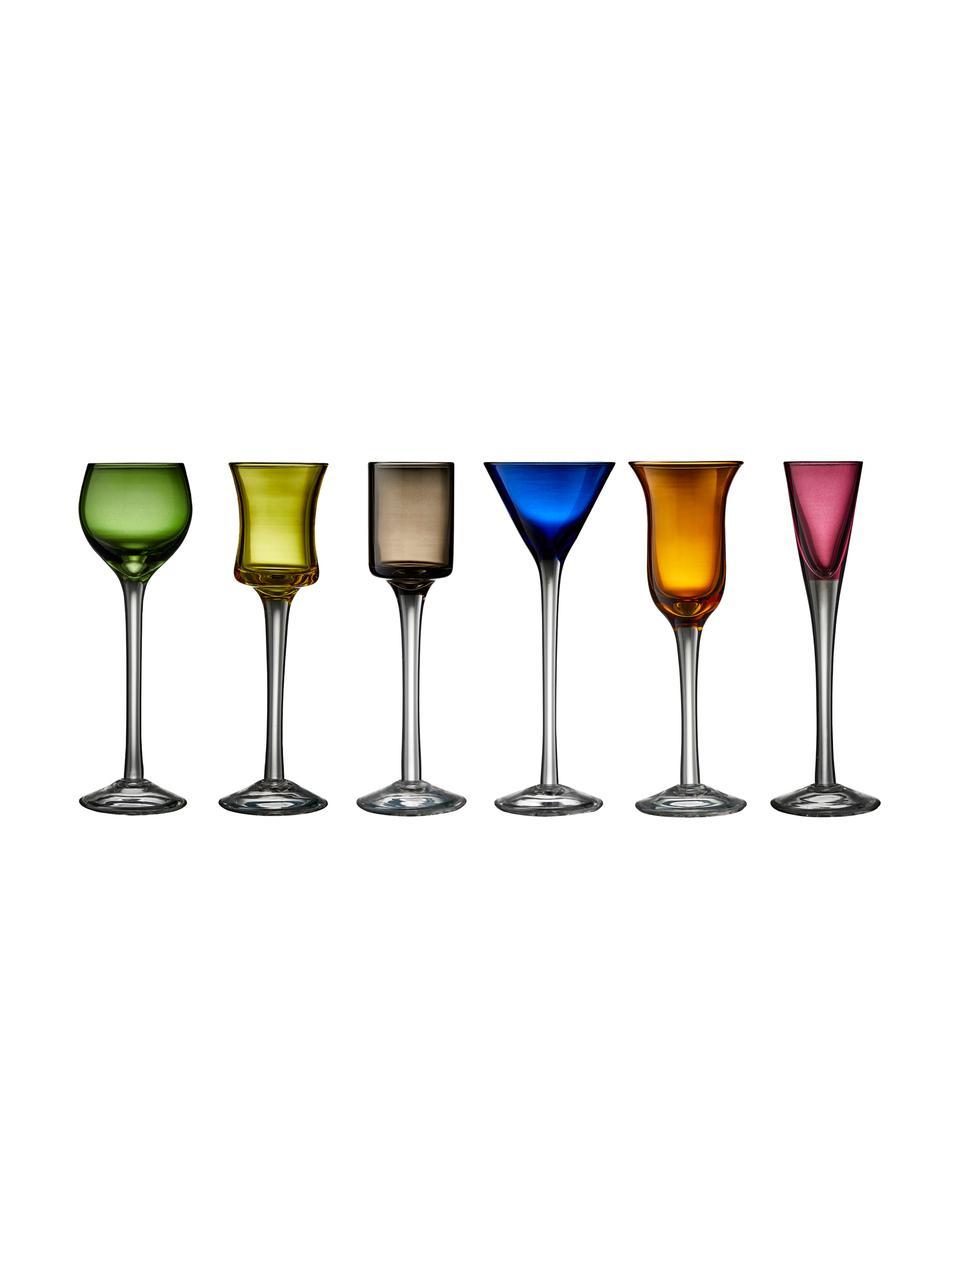 Mondgeblazen borrelglazen Lyngby, 6 stuks, Glas, Groen, blauw, bruin, geel, lila, oranje, Ø 5 x H 16 cm